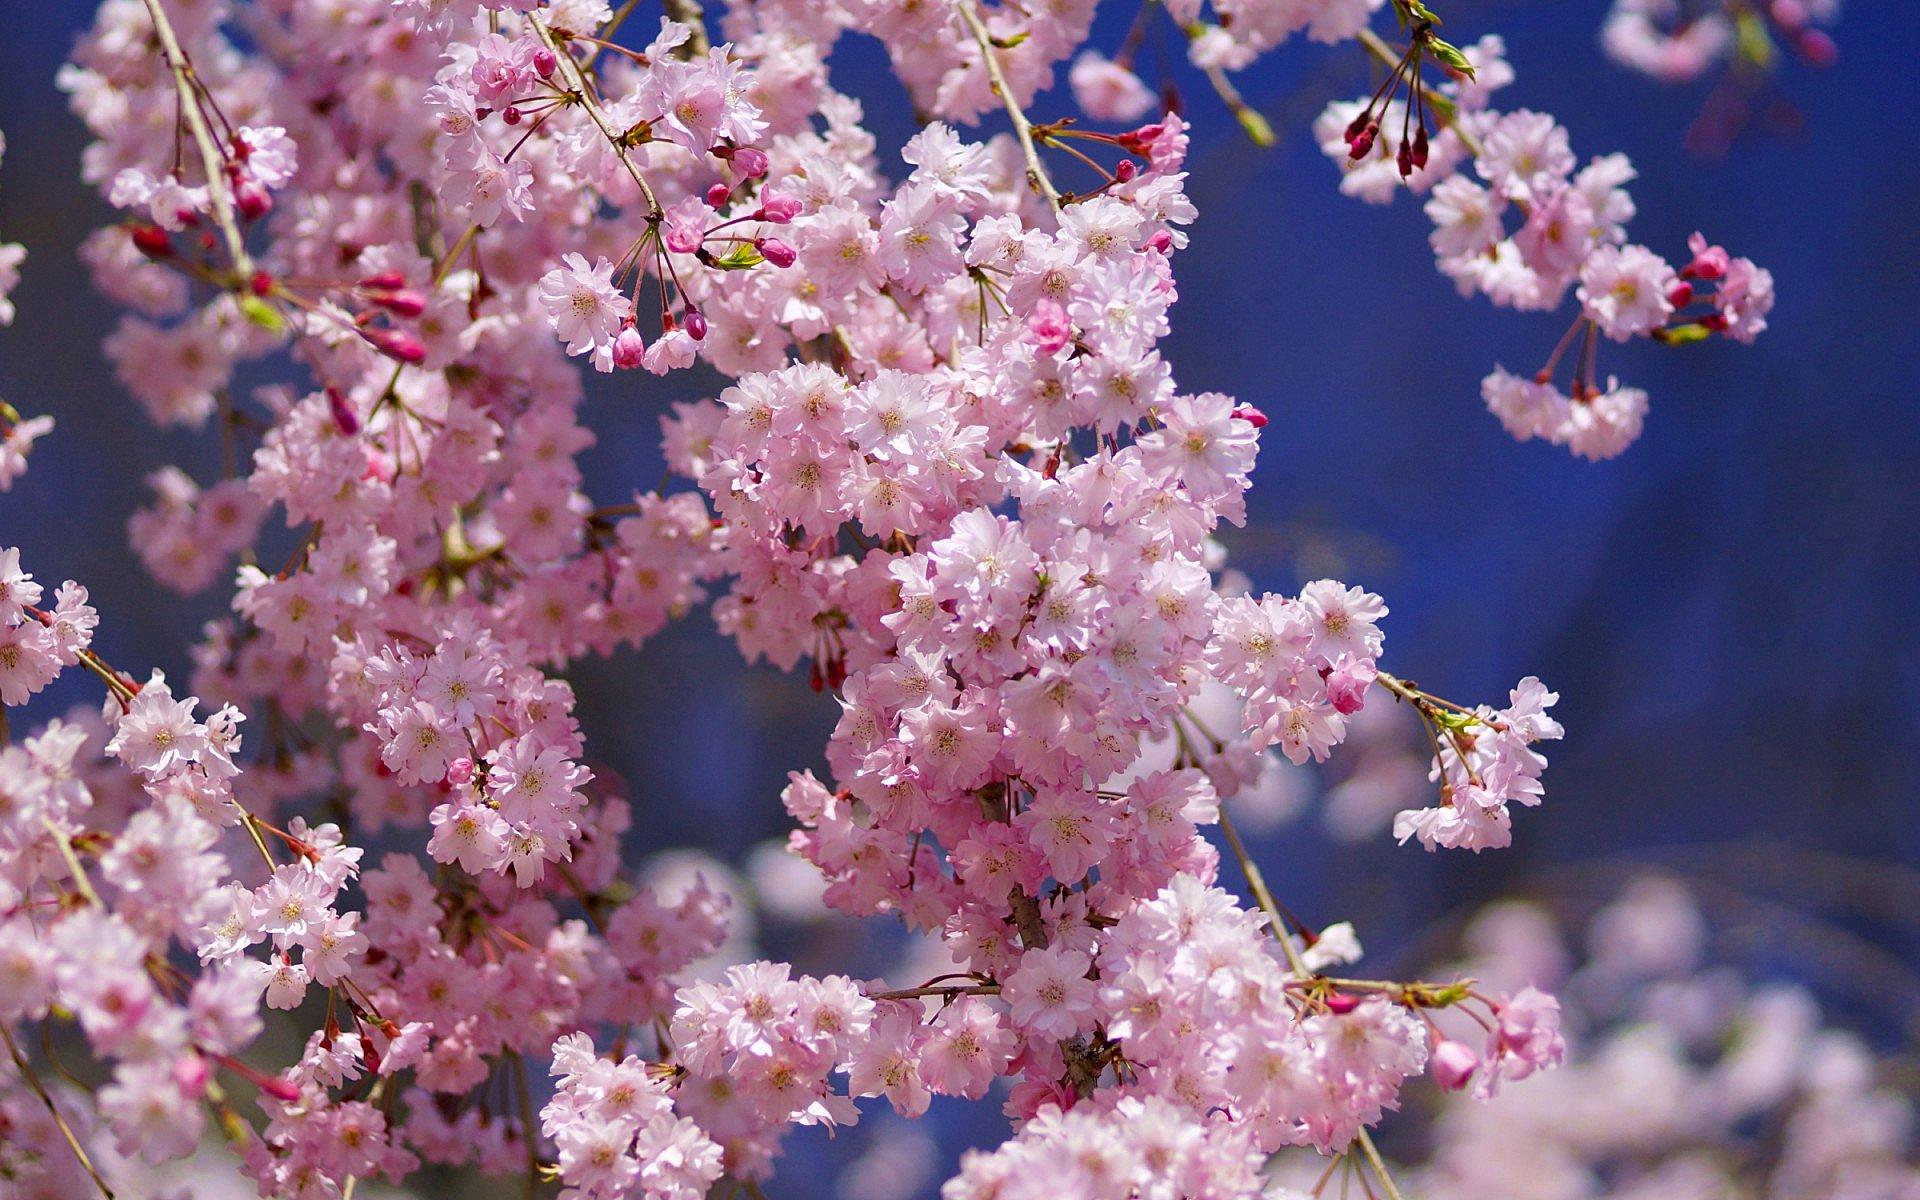 рамки придадут картинки весна на телефон в хорошем качестве более